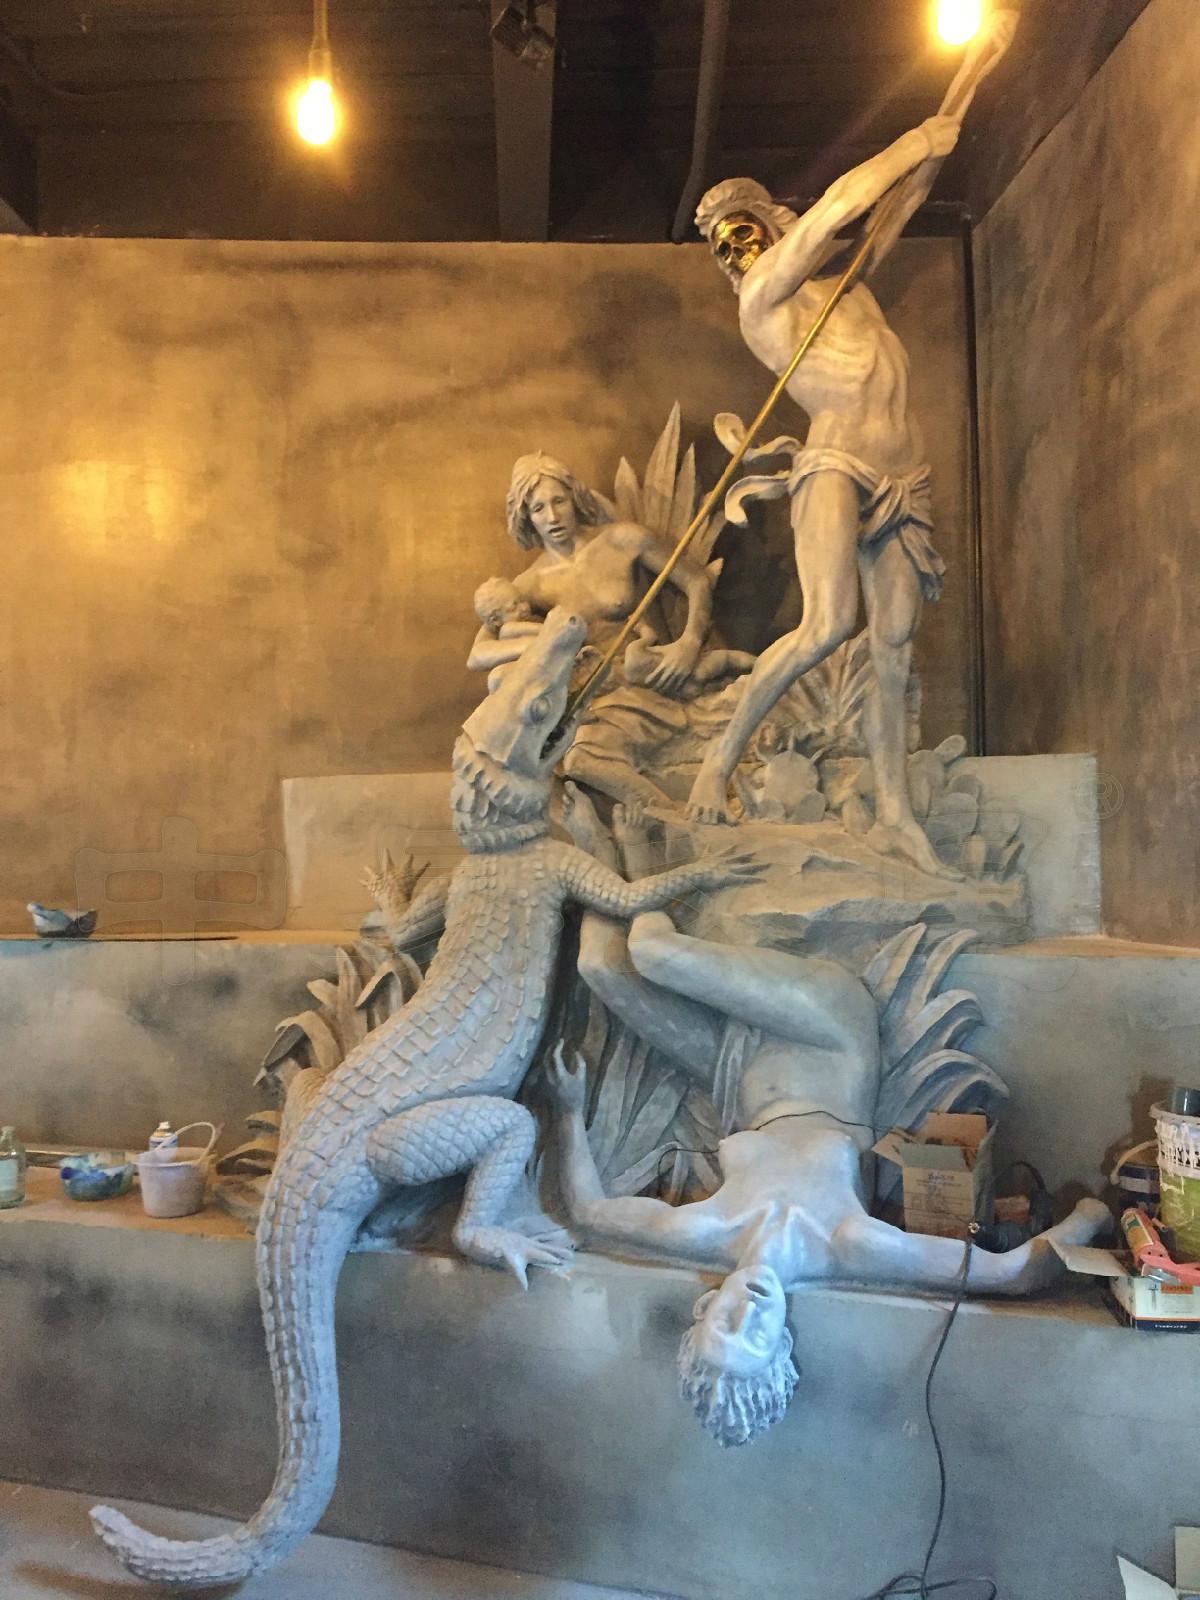 翻制玻璃钢雕塑,锻造不锈钢雕塑,铸铜雕塑,石雕;按照造型形式分为